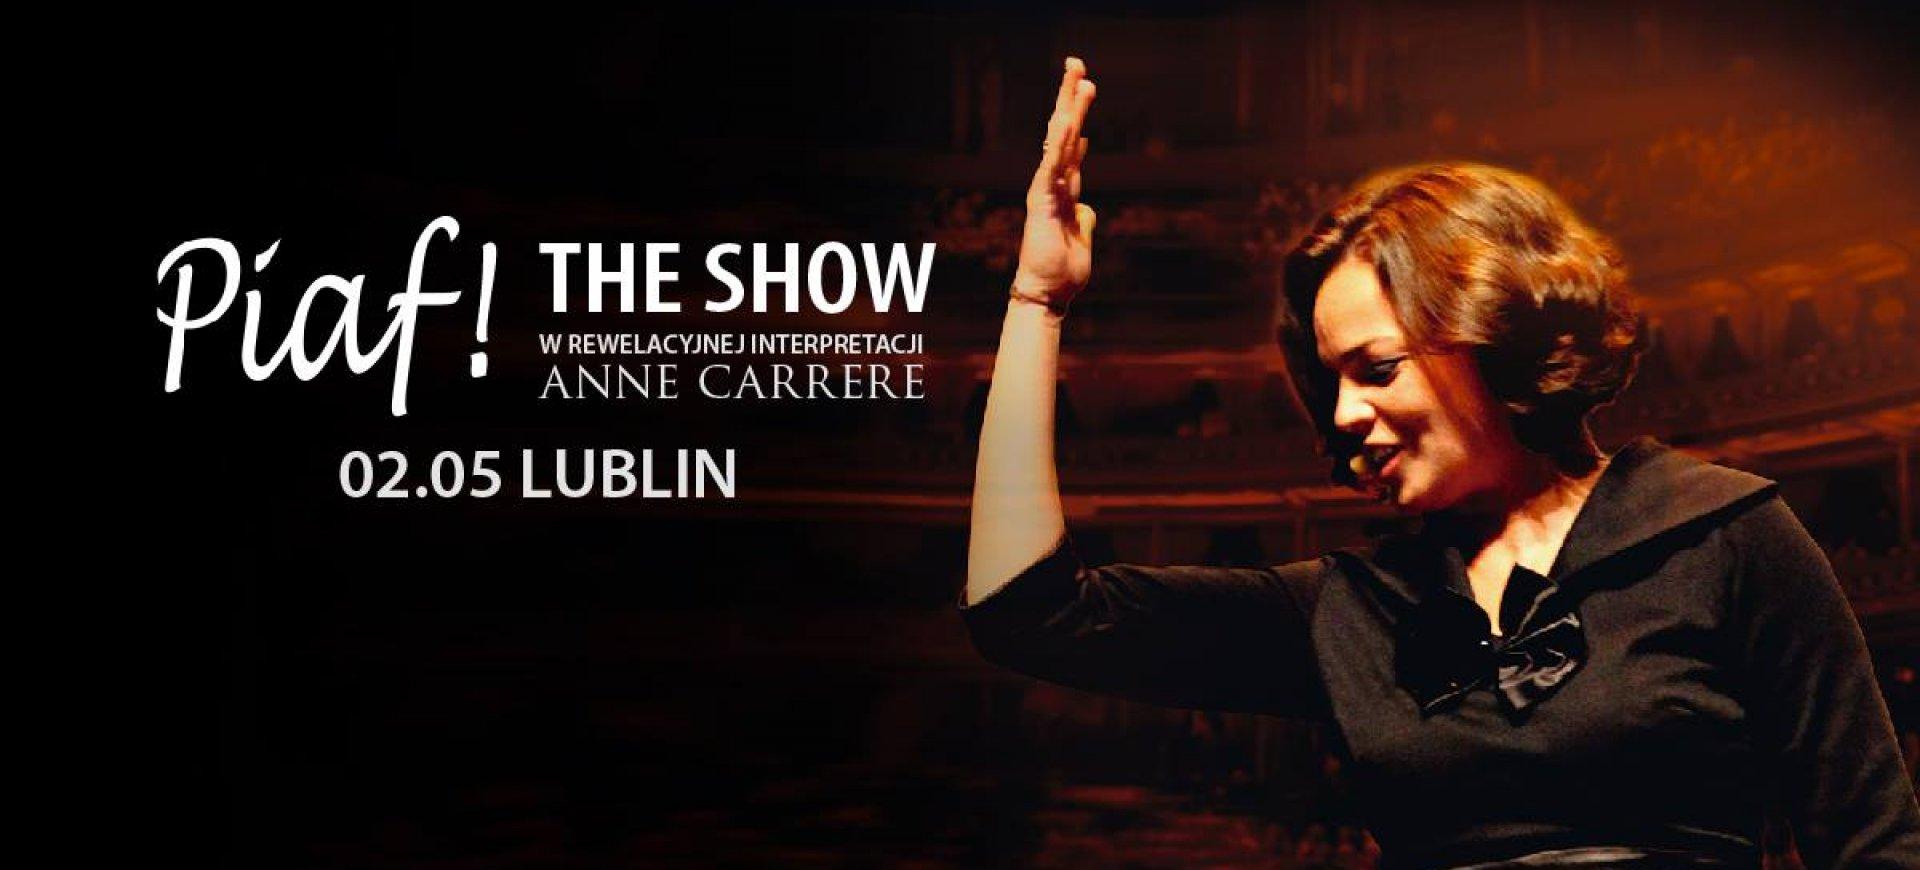 Piaf! The Show ponownie w Polsce! 2.05, Lublin, Spotkania Kultur